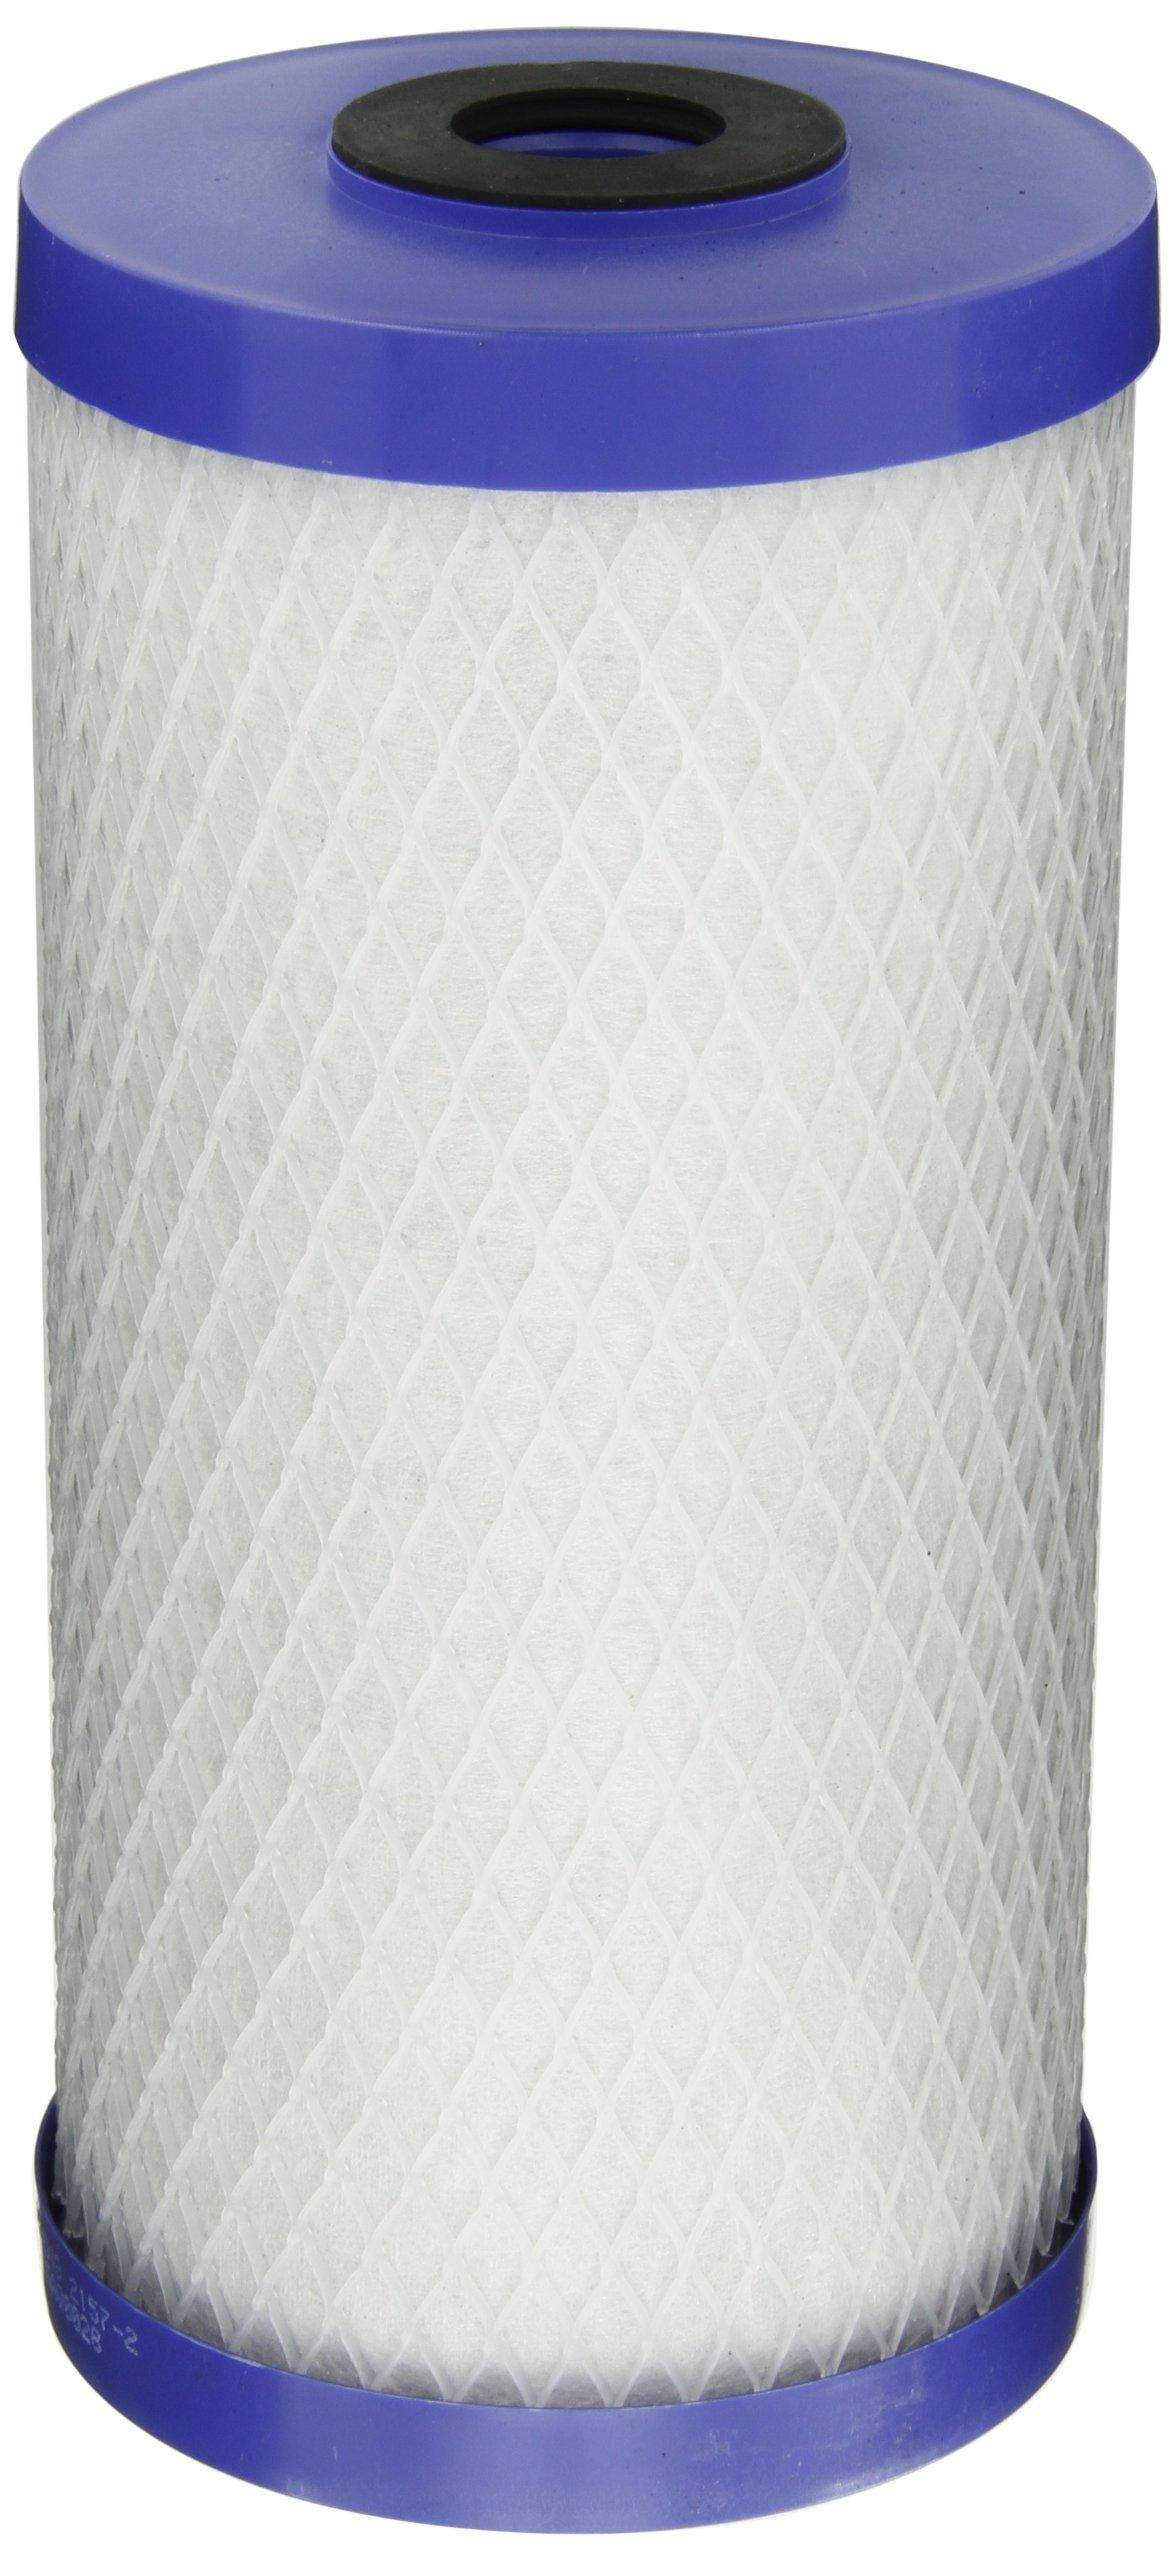 Pentek EP-BB Carbon Block Filter Cartridge, 9-3/4'' x 4-5/8'', 5 Microns